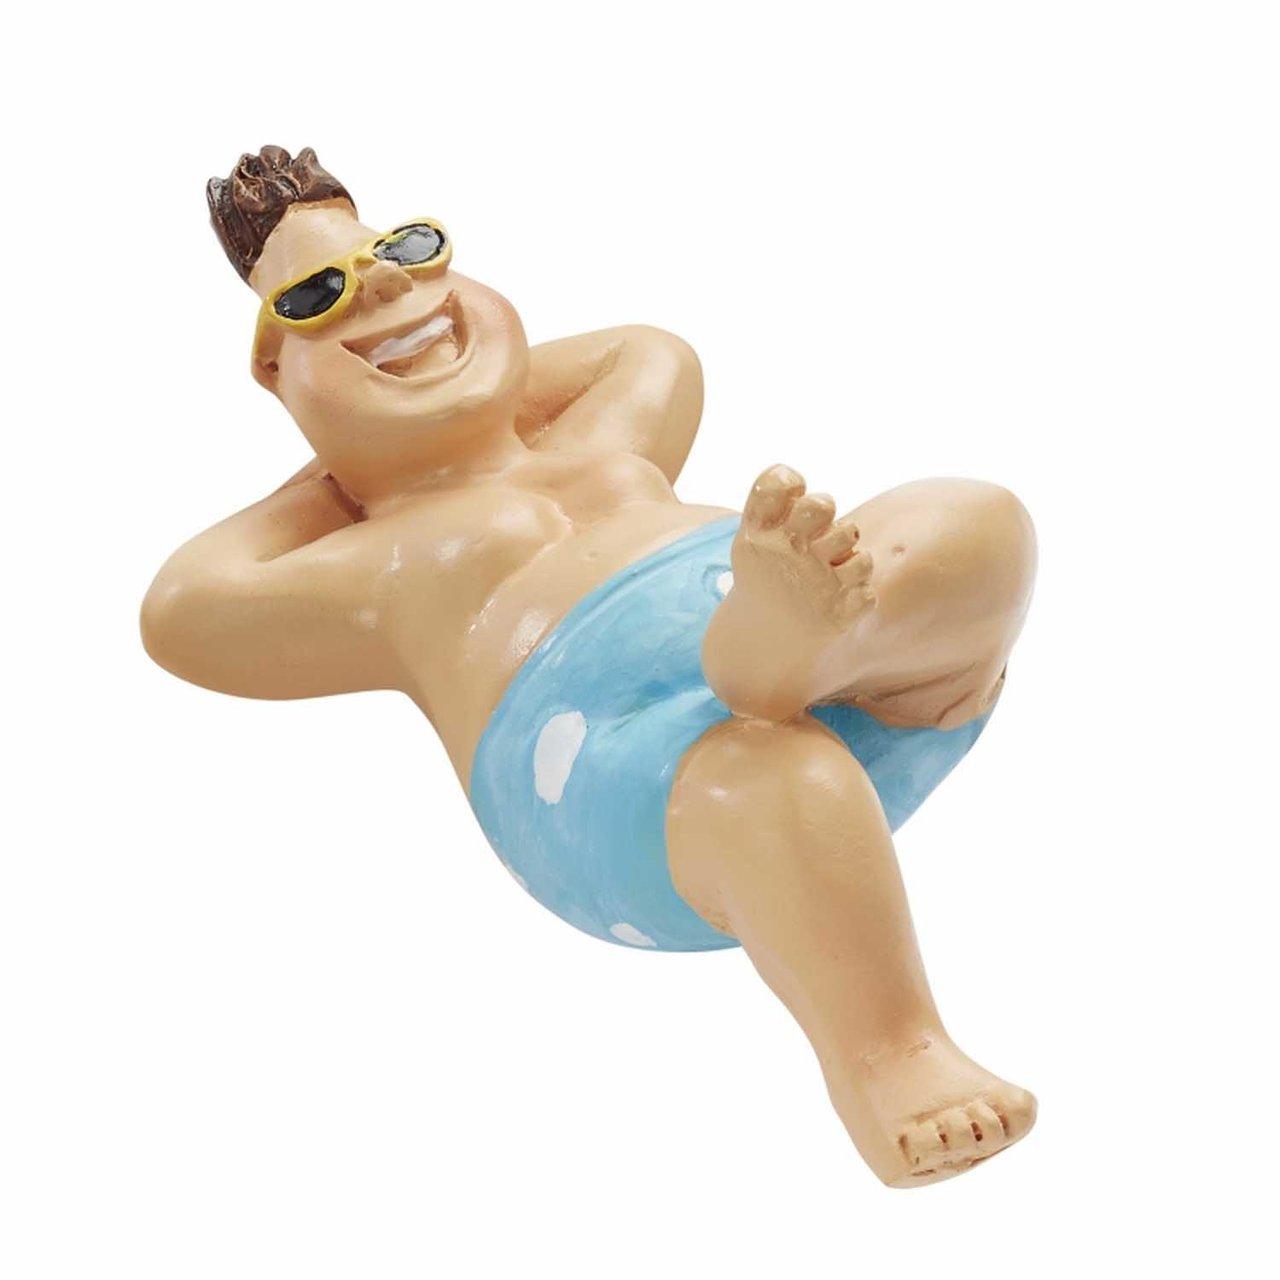 HobbyFun Bade-Urlauber für Liegestuhl